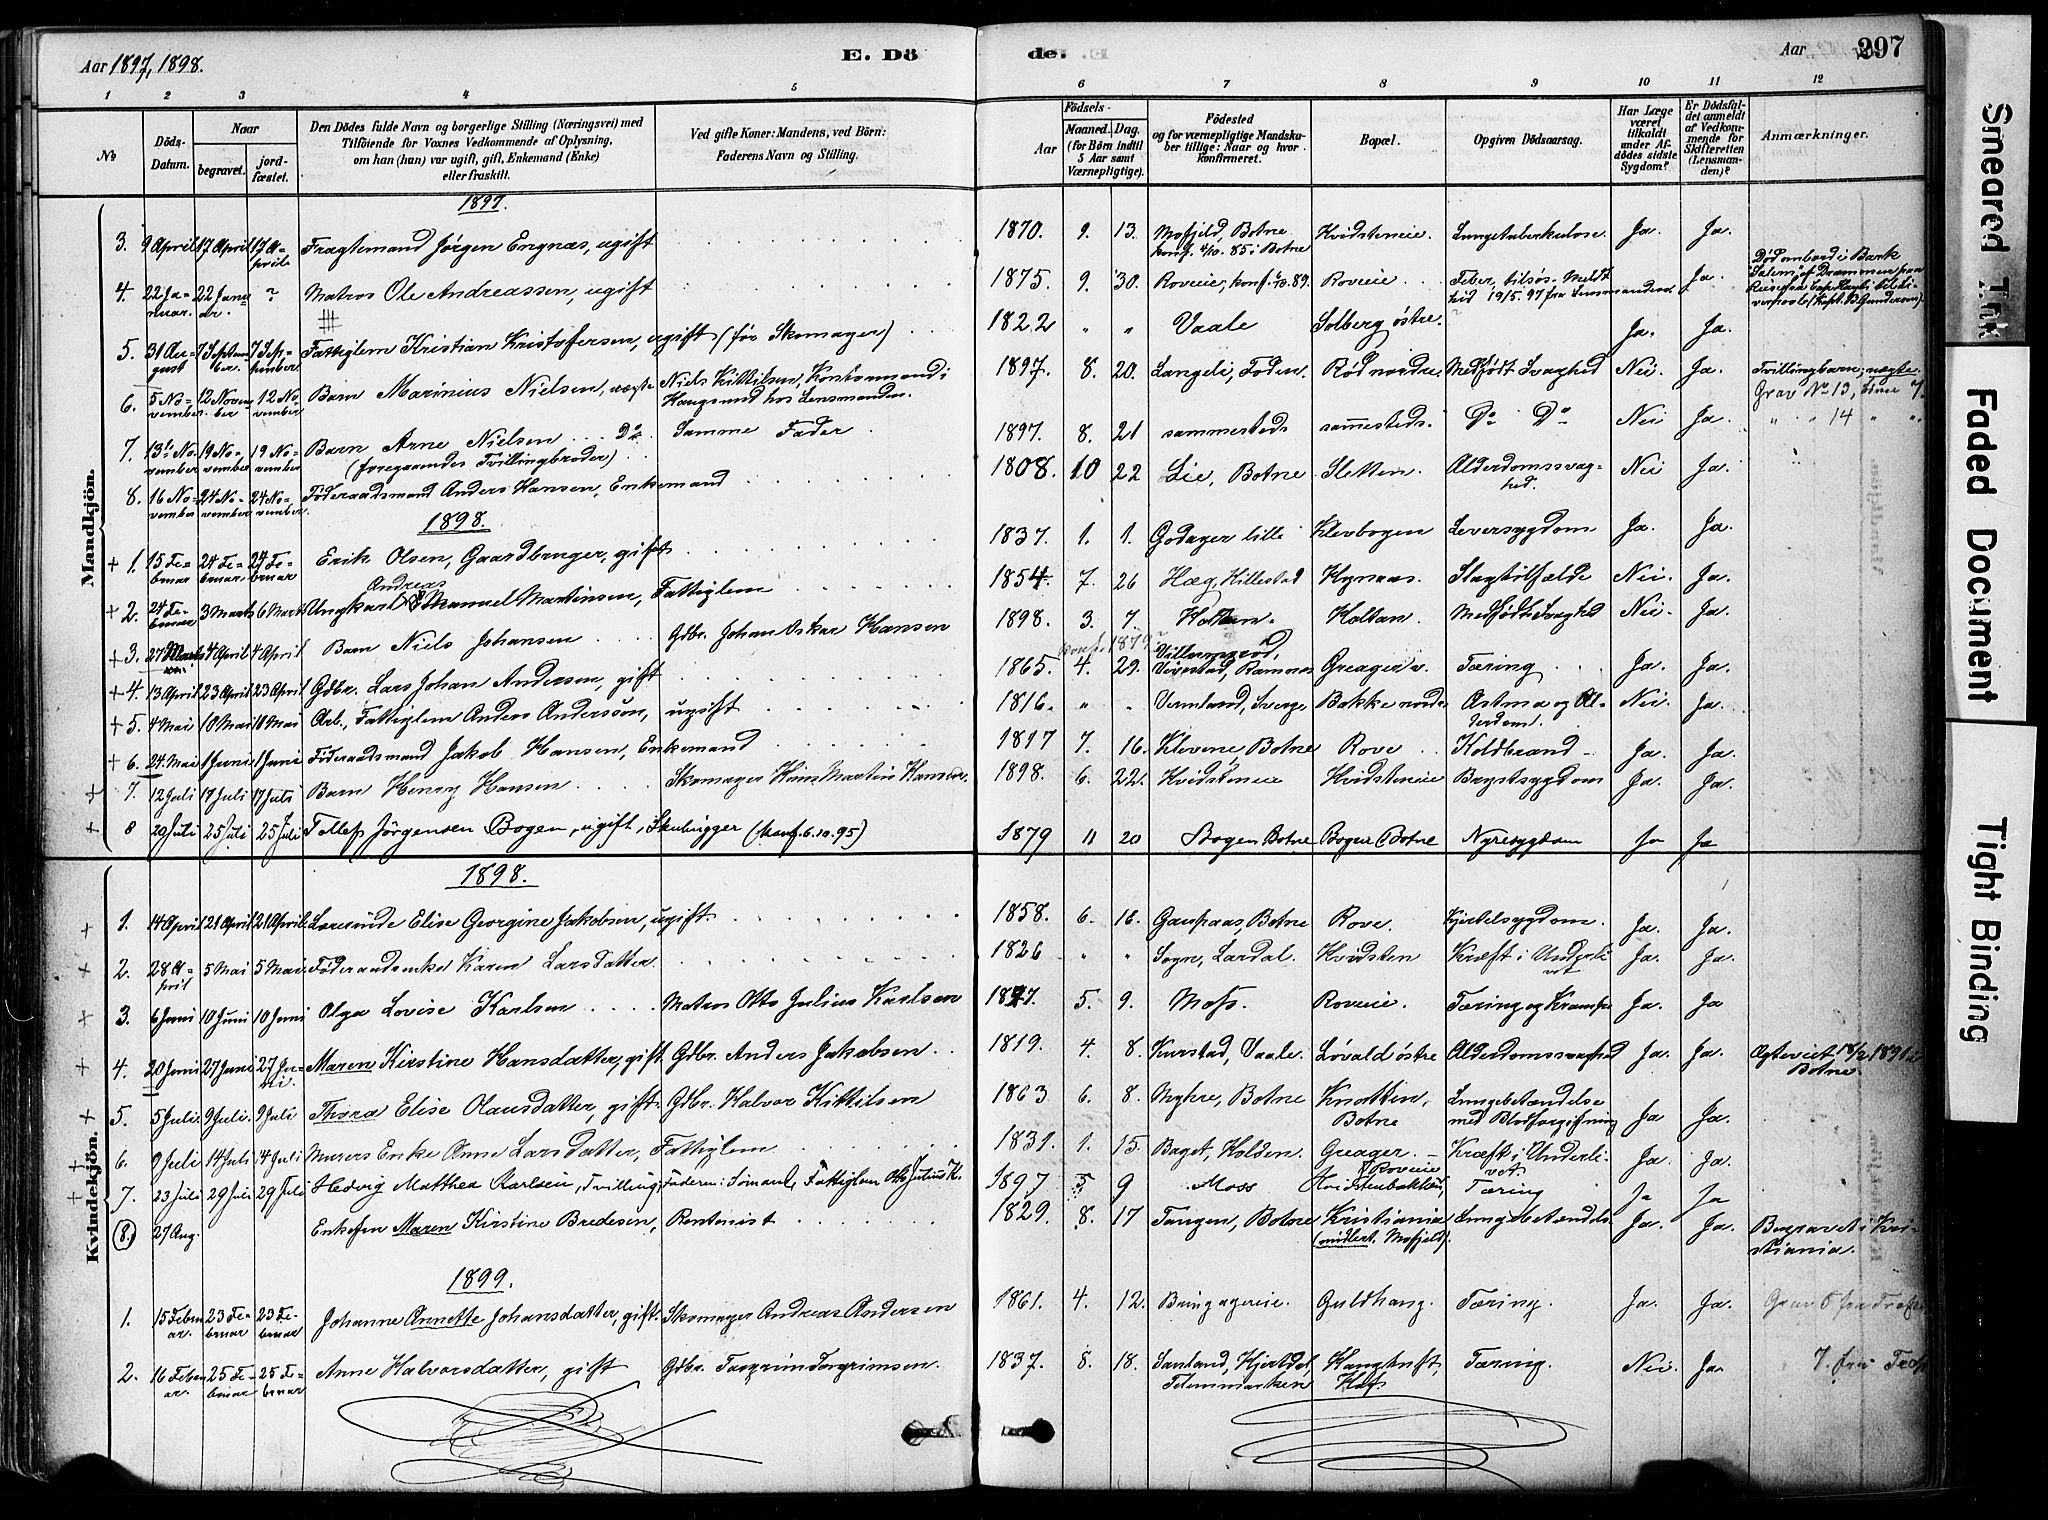 SAKO, Botne kirkebøker, F/Fa/L0007: Ministerialbok nr. I 7, 1878-1910, s. 297